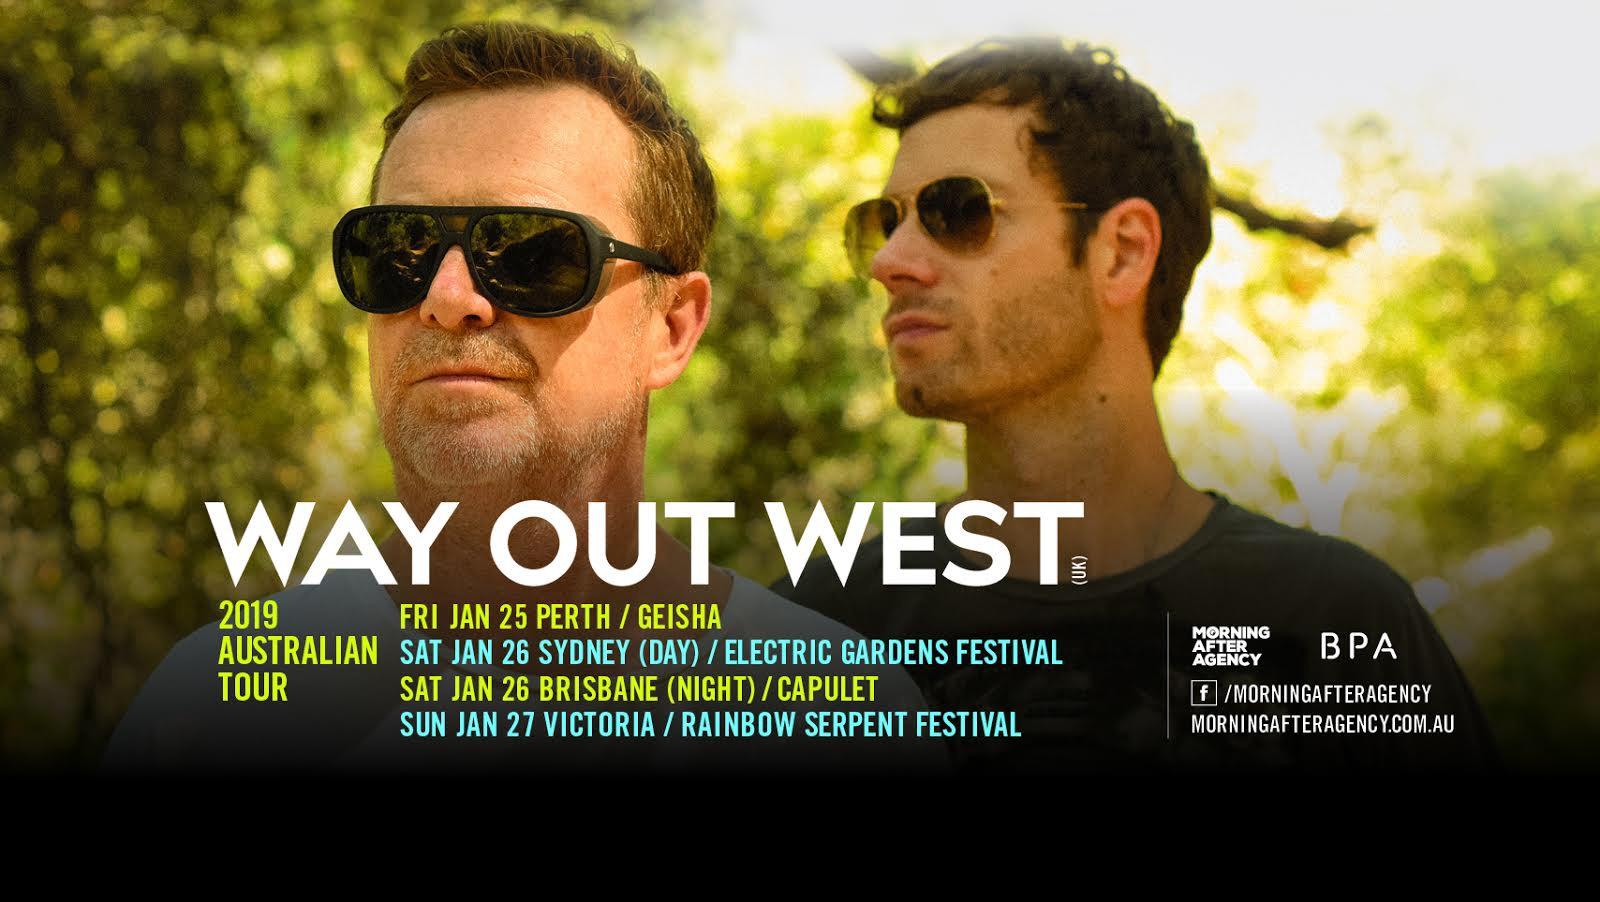 way-out-west-australian-tour-2019